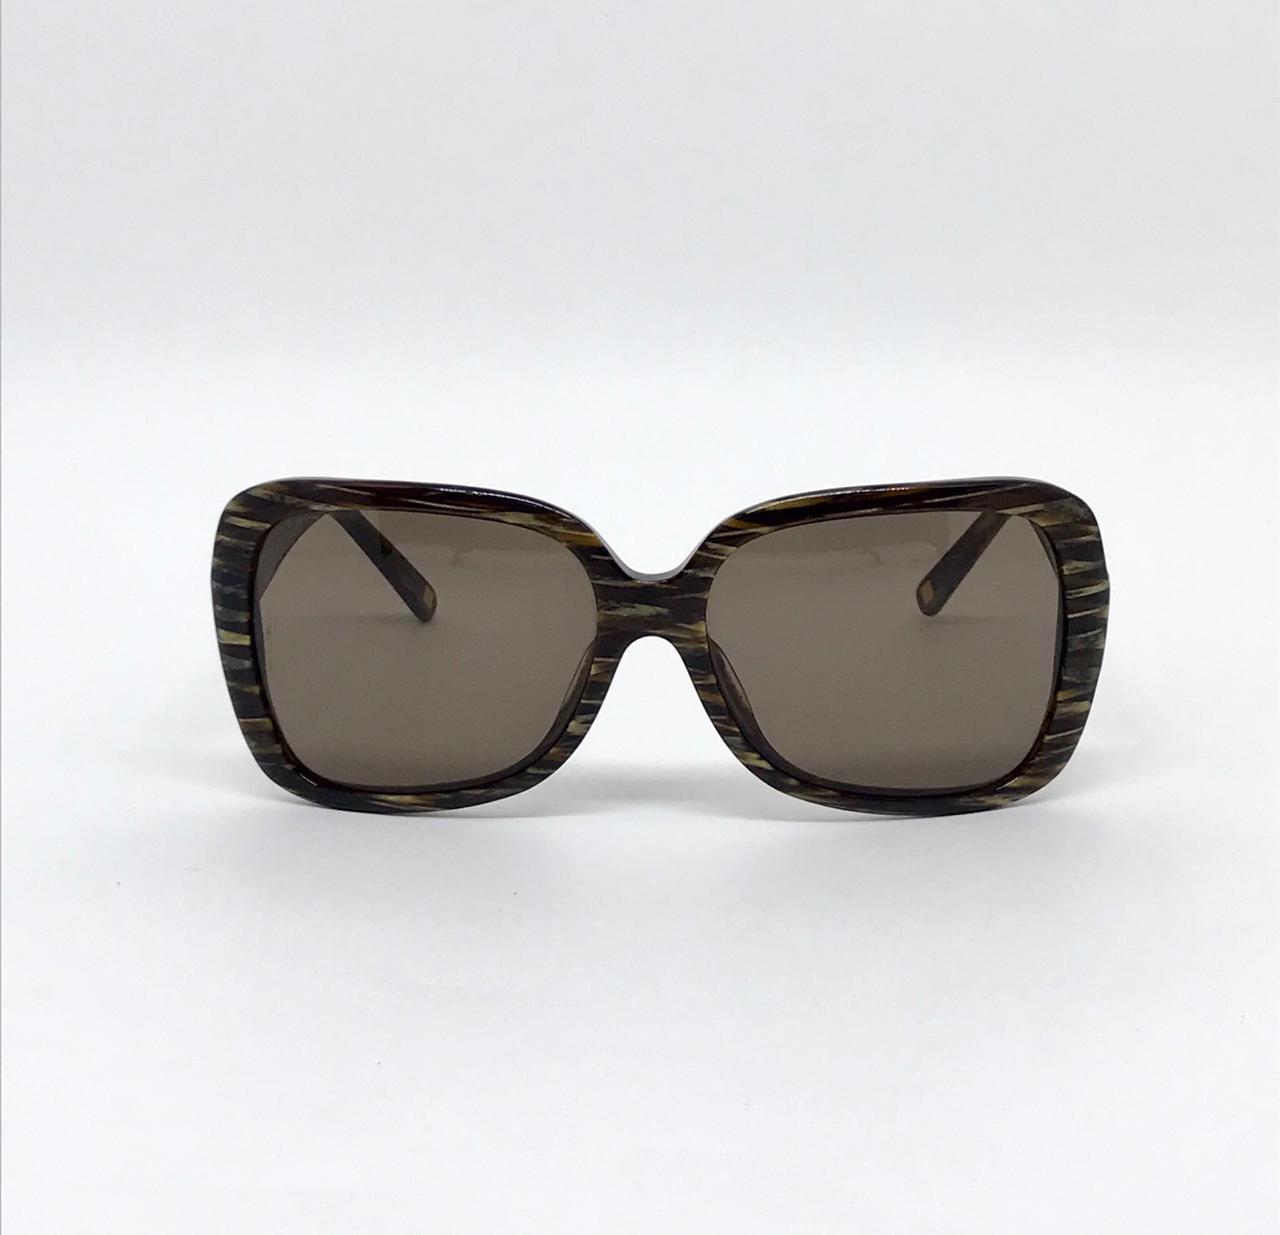 Dolce&Gabbana DG 4050 888/73